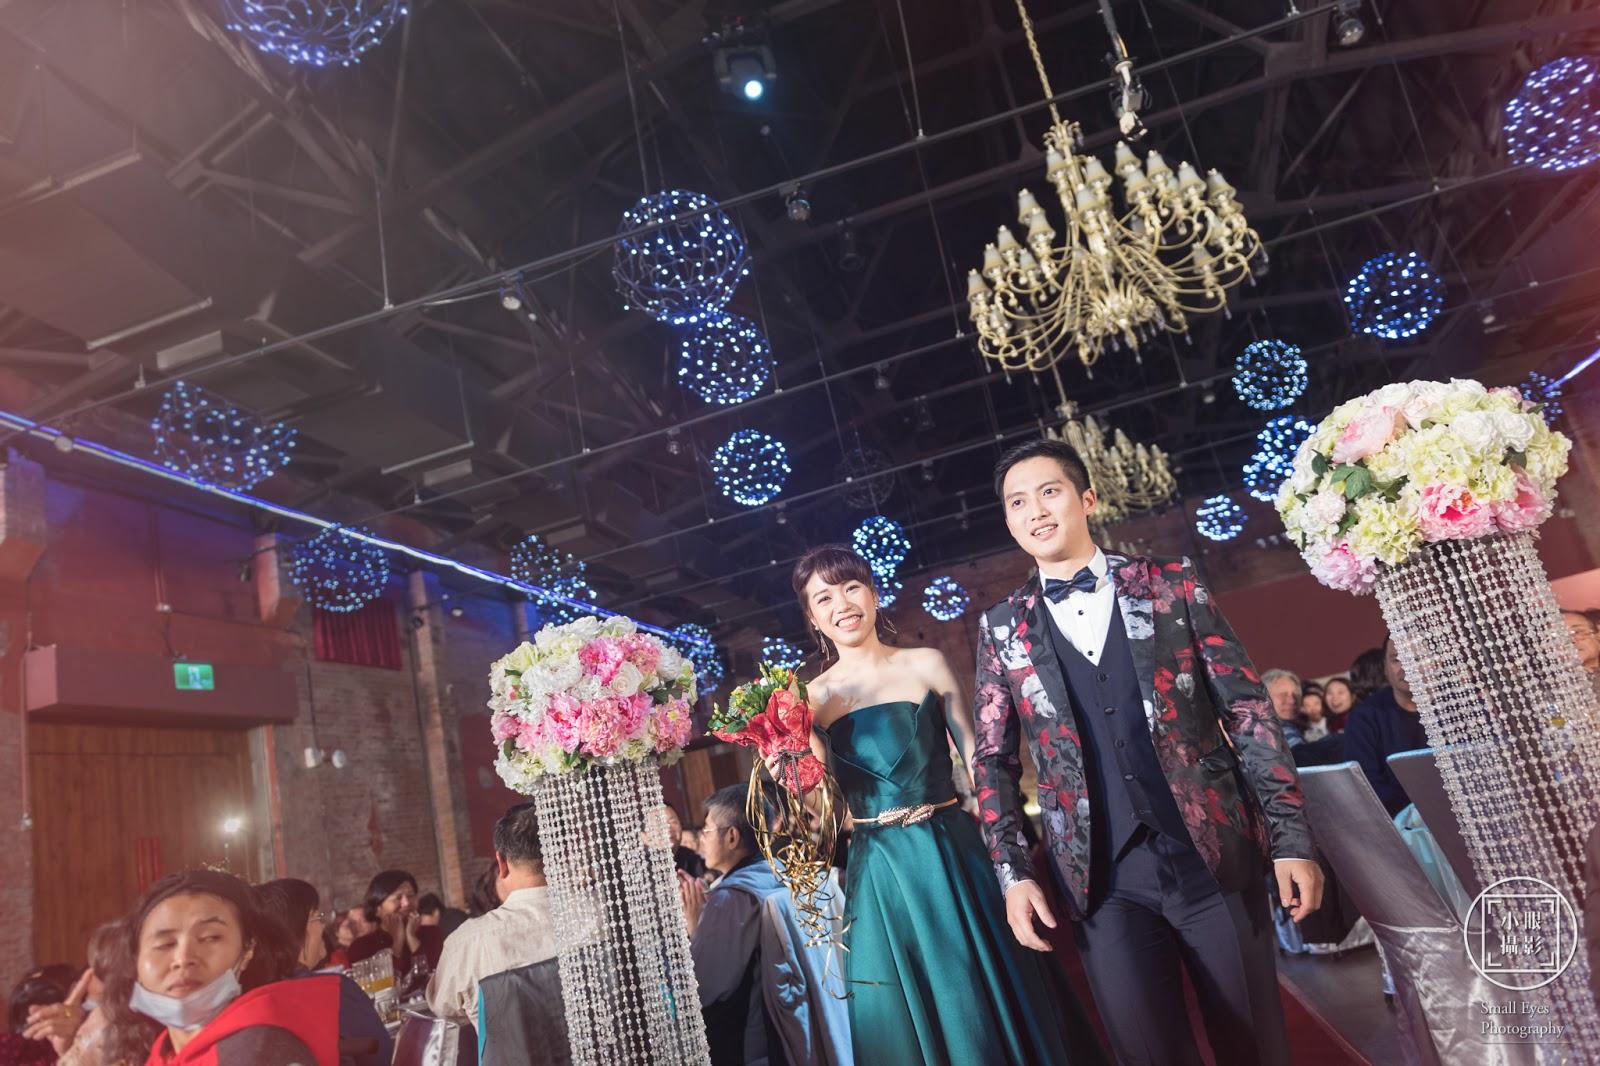 婚攝,小眼攝影,婚禮紀實,婚禮紀錄,婚紗,國內婚紗,海外婚紗,寫真,婚攝小眼,台北,建國啤酒廠,1919